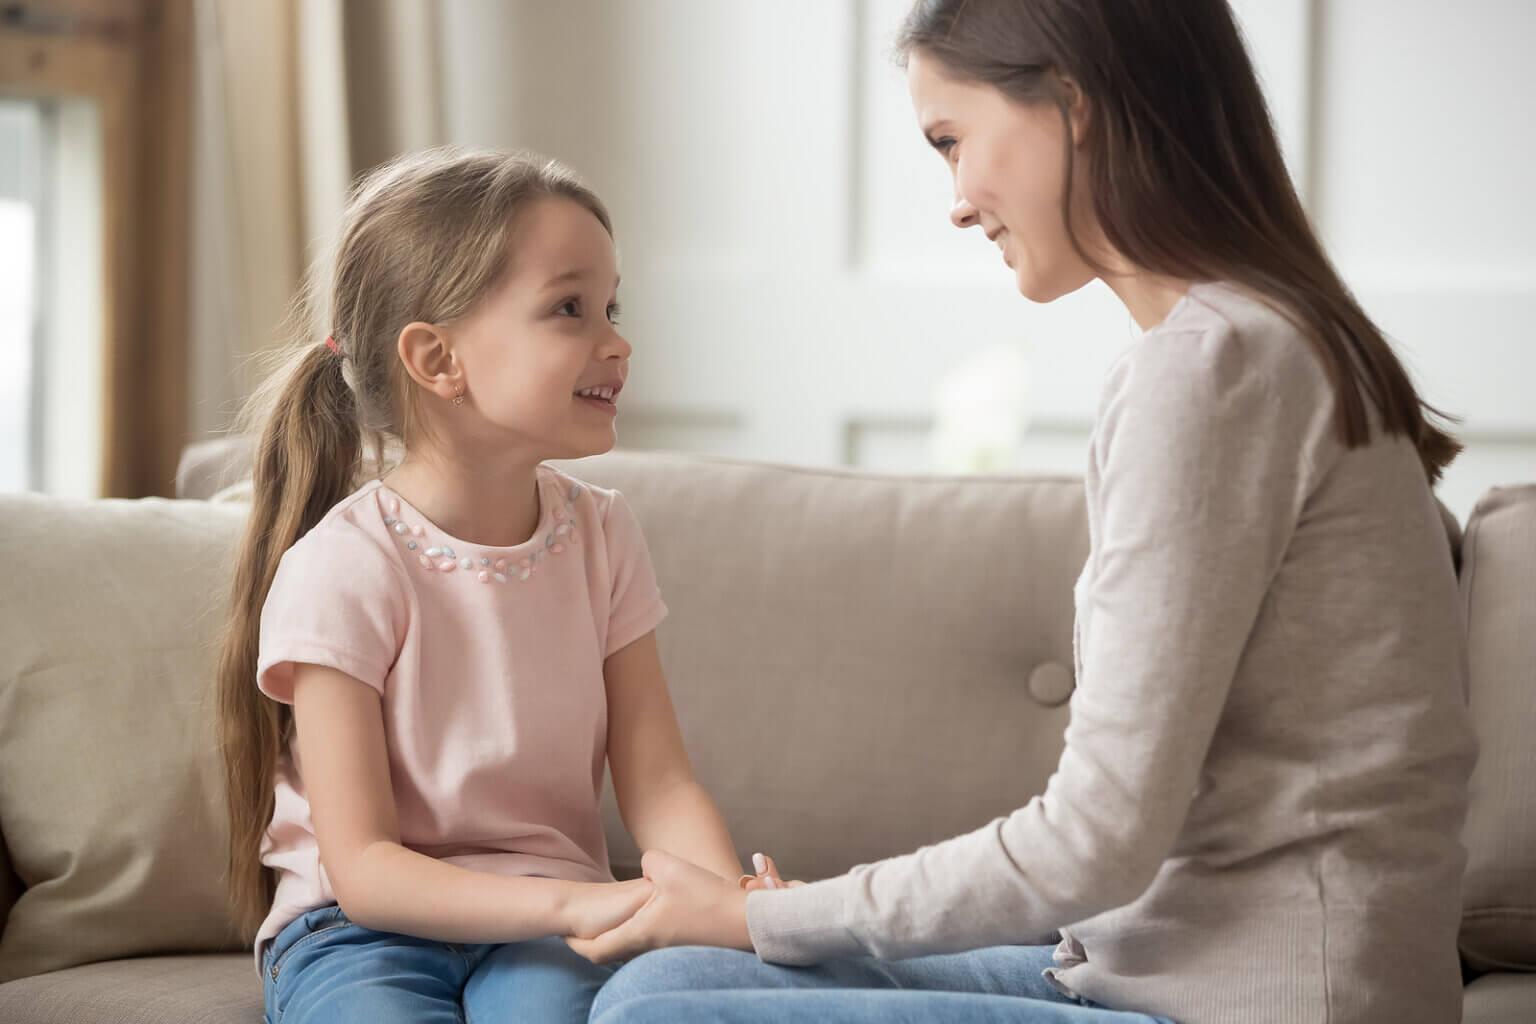 Madre hablando con su hija de forma positiva.